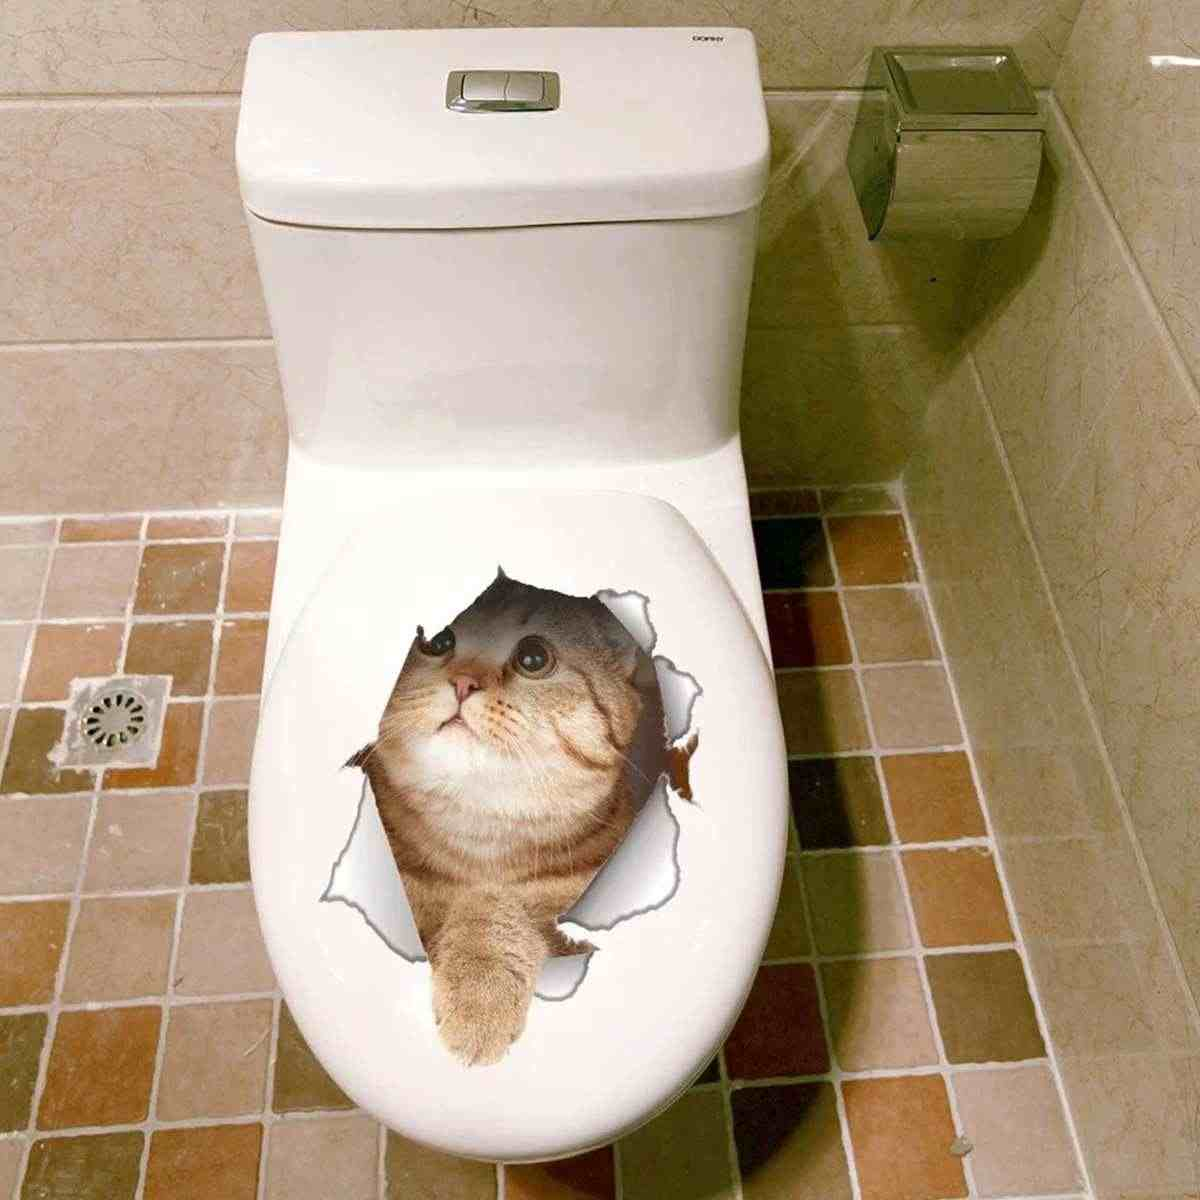 Enfants chambre décoration Stickers muraux autocollant mur Animal chien chat 3D imprimé autocollants salle de bains maison toilette Commode décalcomanie chambre décor